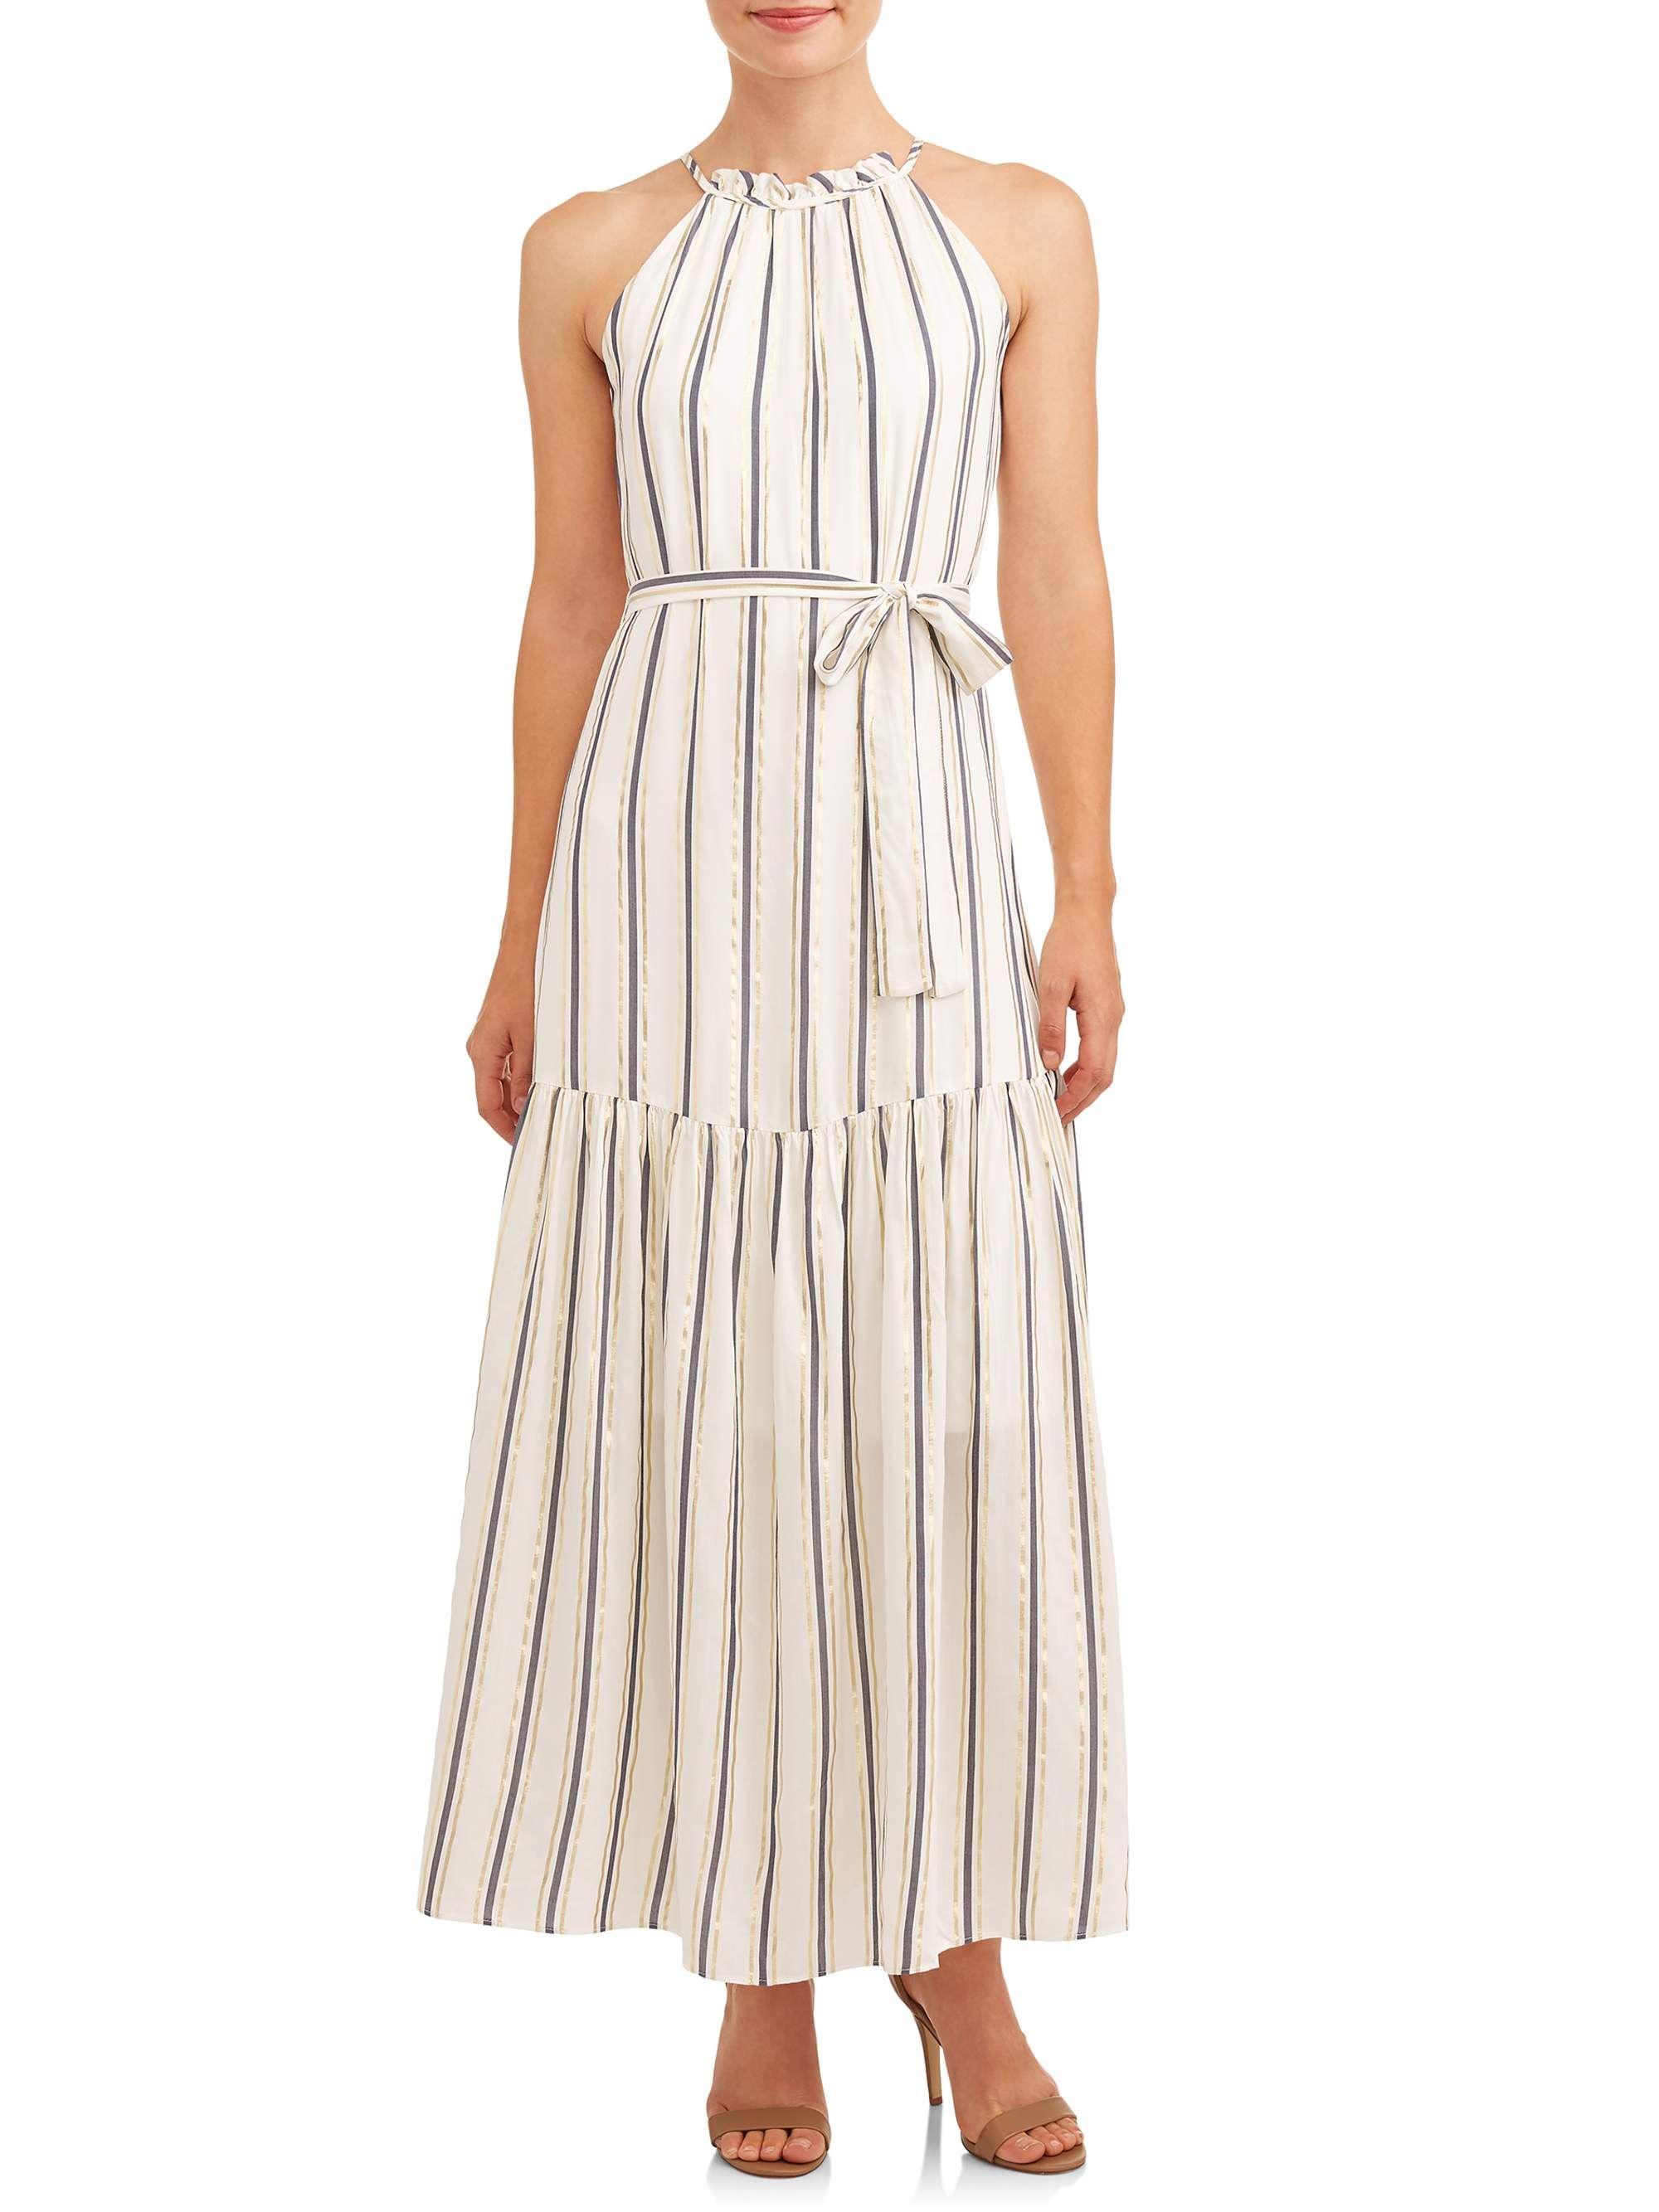 Eci Eci Women S Maxi Lurex Dress Walmart Com Lurex Dress Maxi Dress Cocktail Women Maxi [ 2667 x 2000 Pixel ]